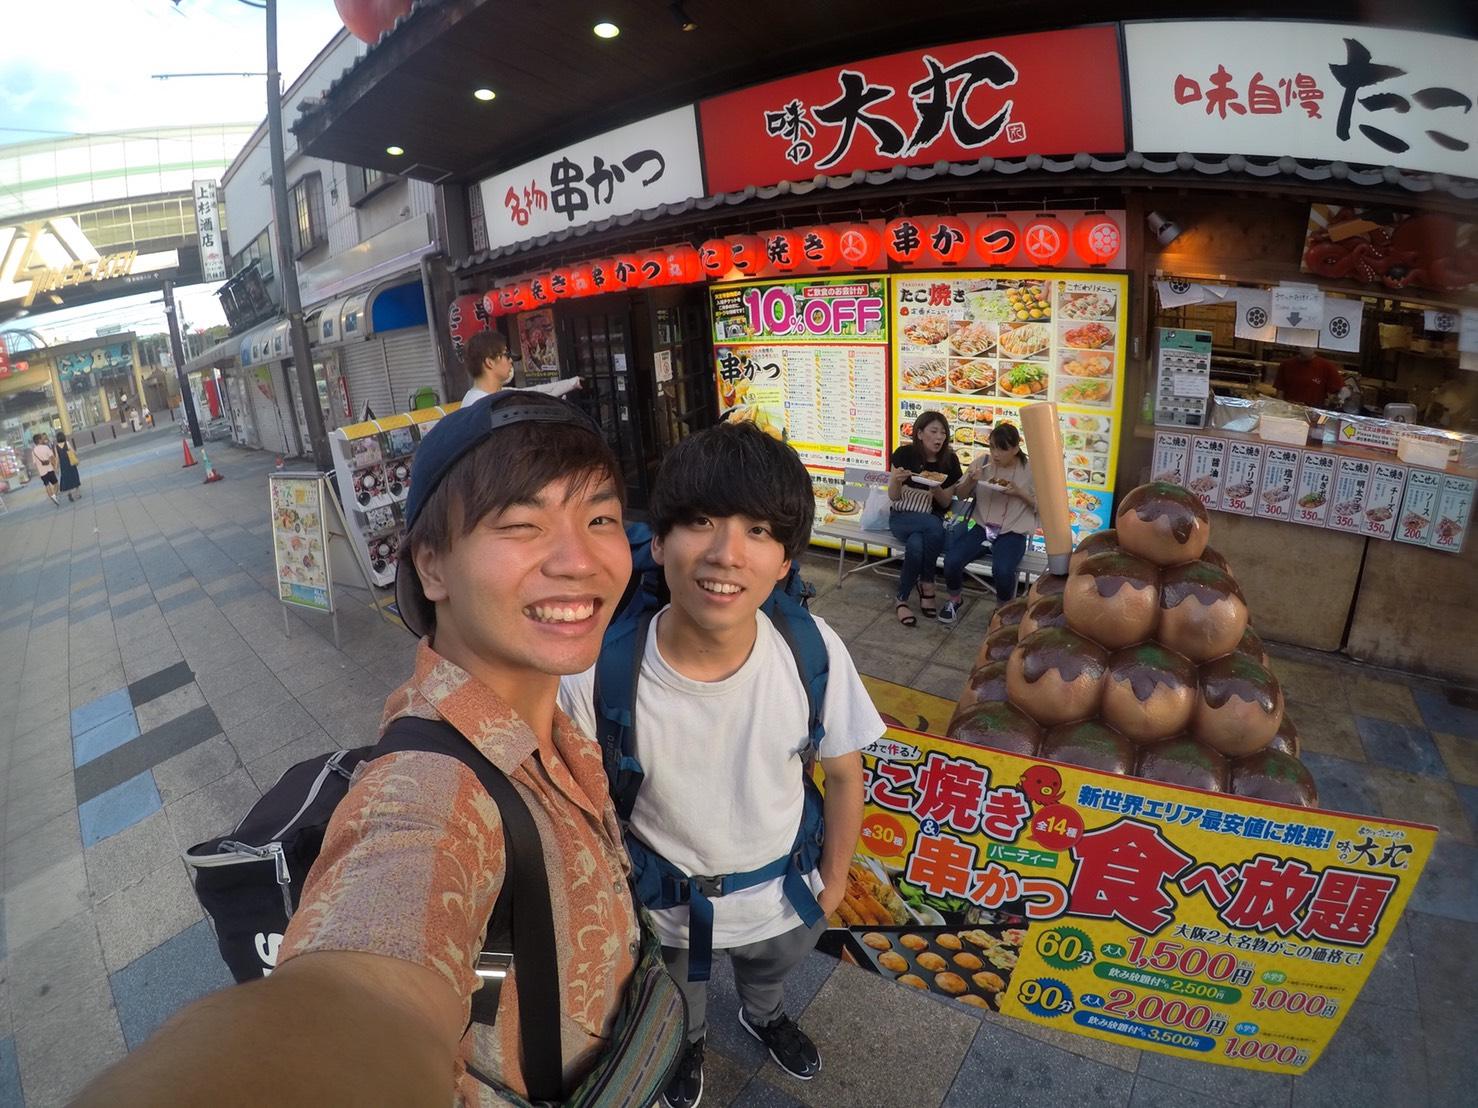 大阪でたこ焼きを食べた写真